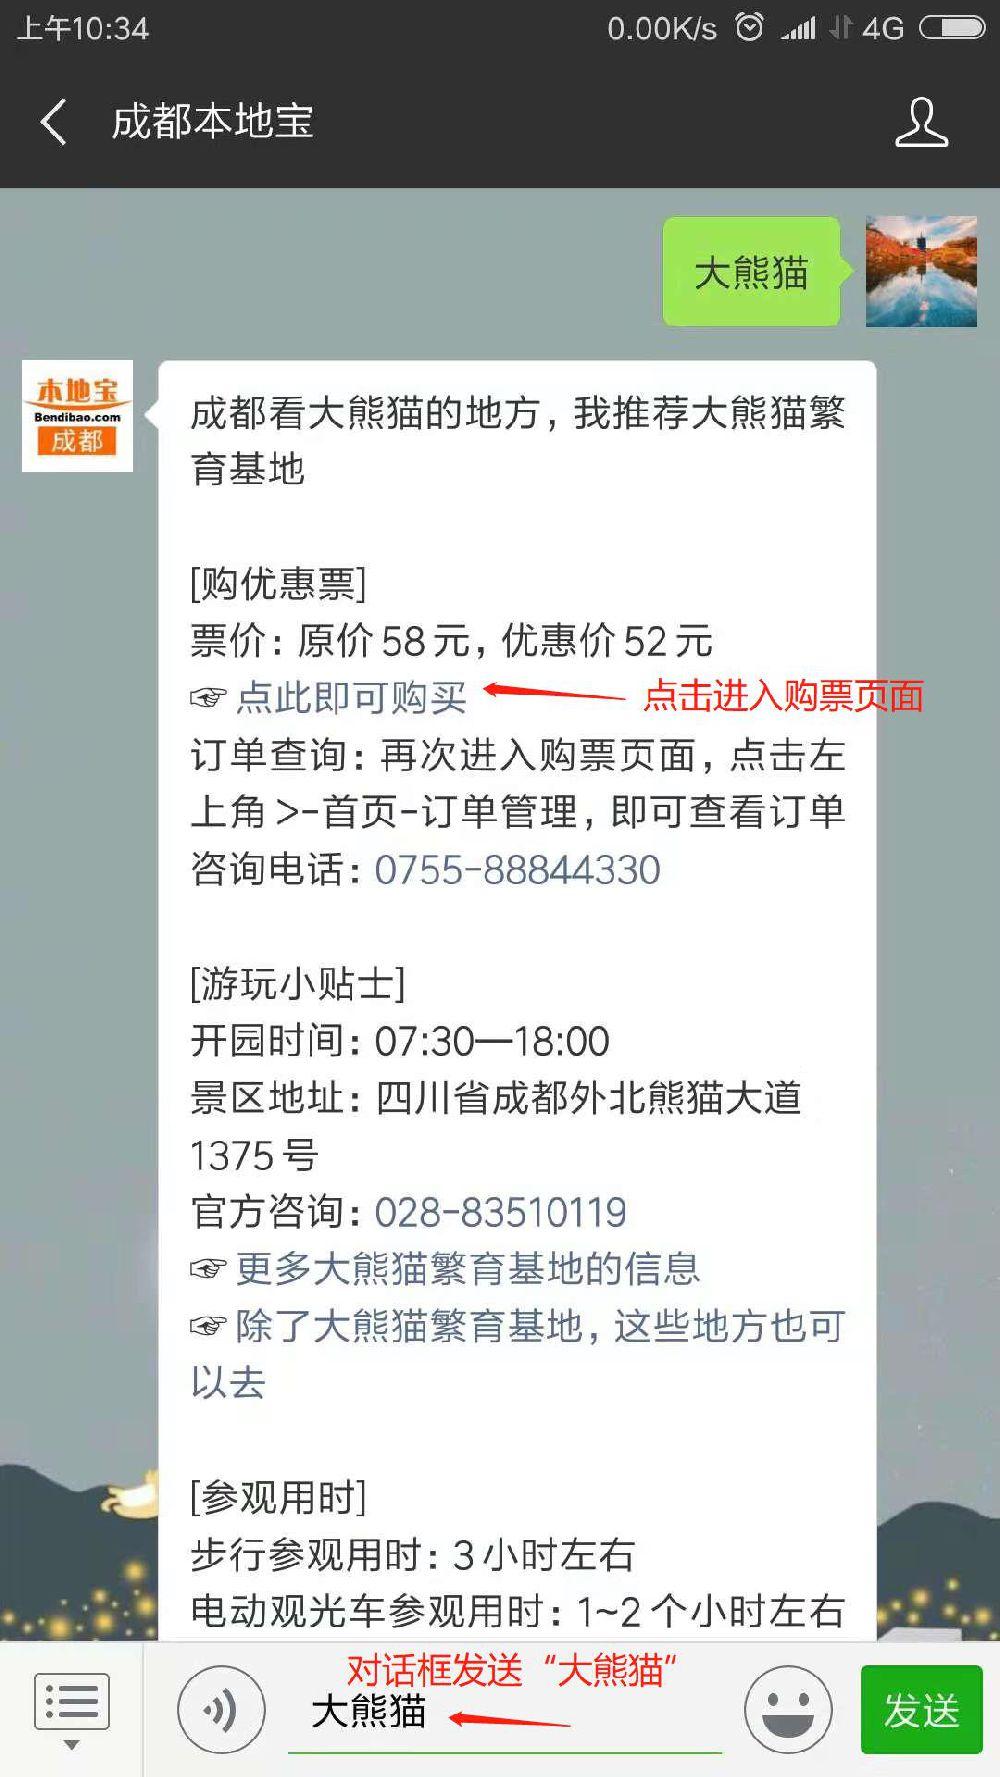 成都大熊猫繁育研究基地门票购买指南(附操作步骤)